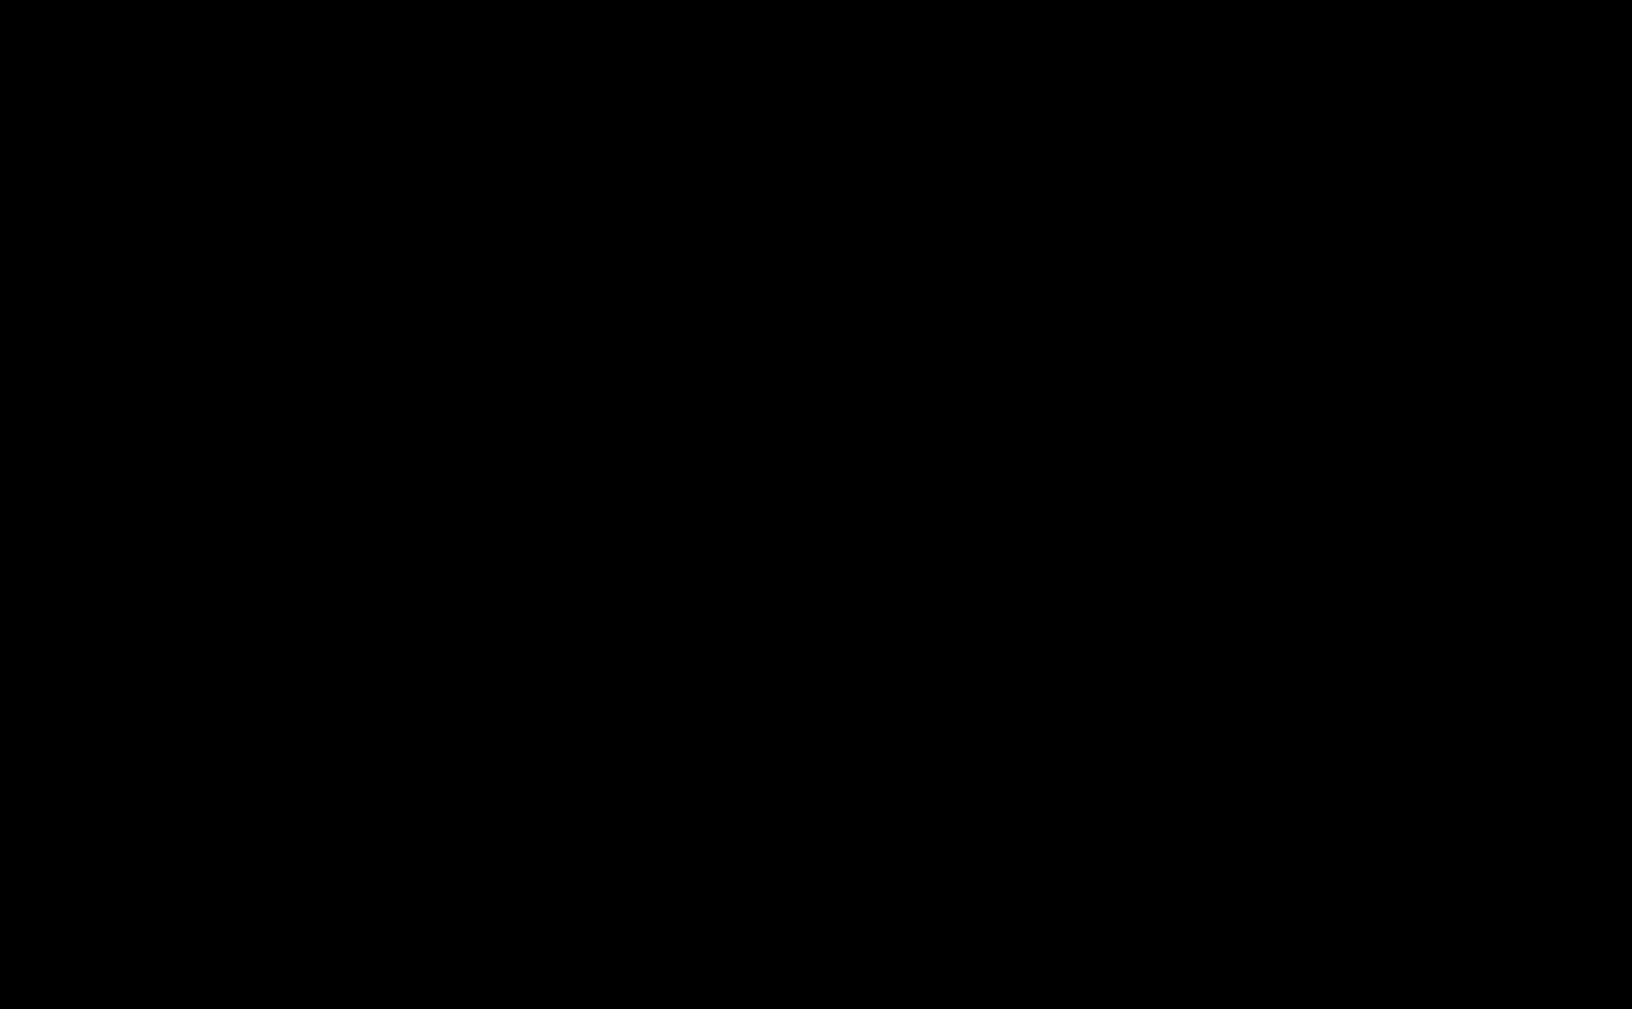 TS4_x64 2020-10-24 20-48-53.jpg